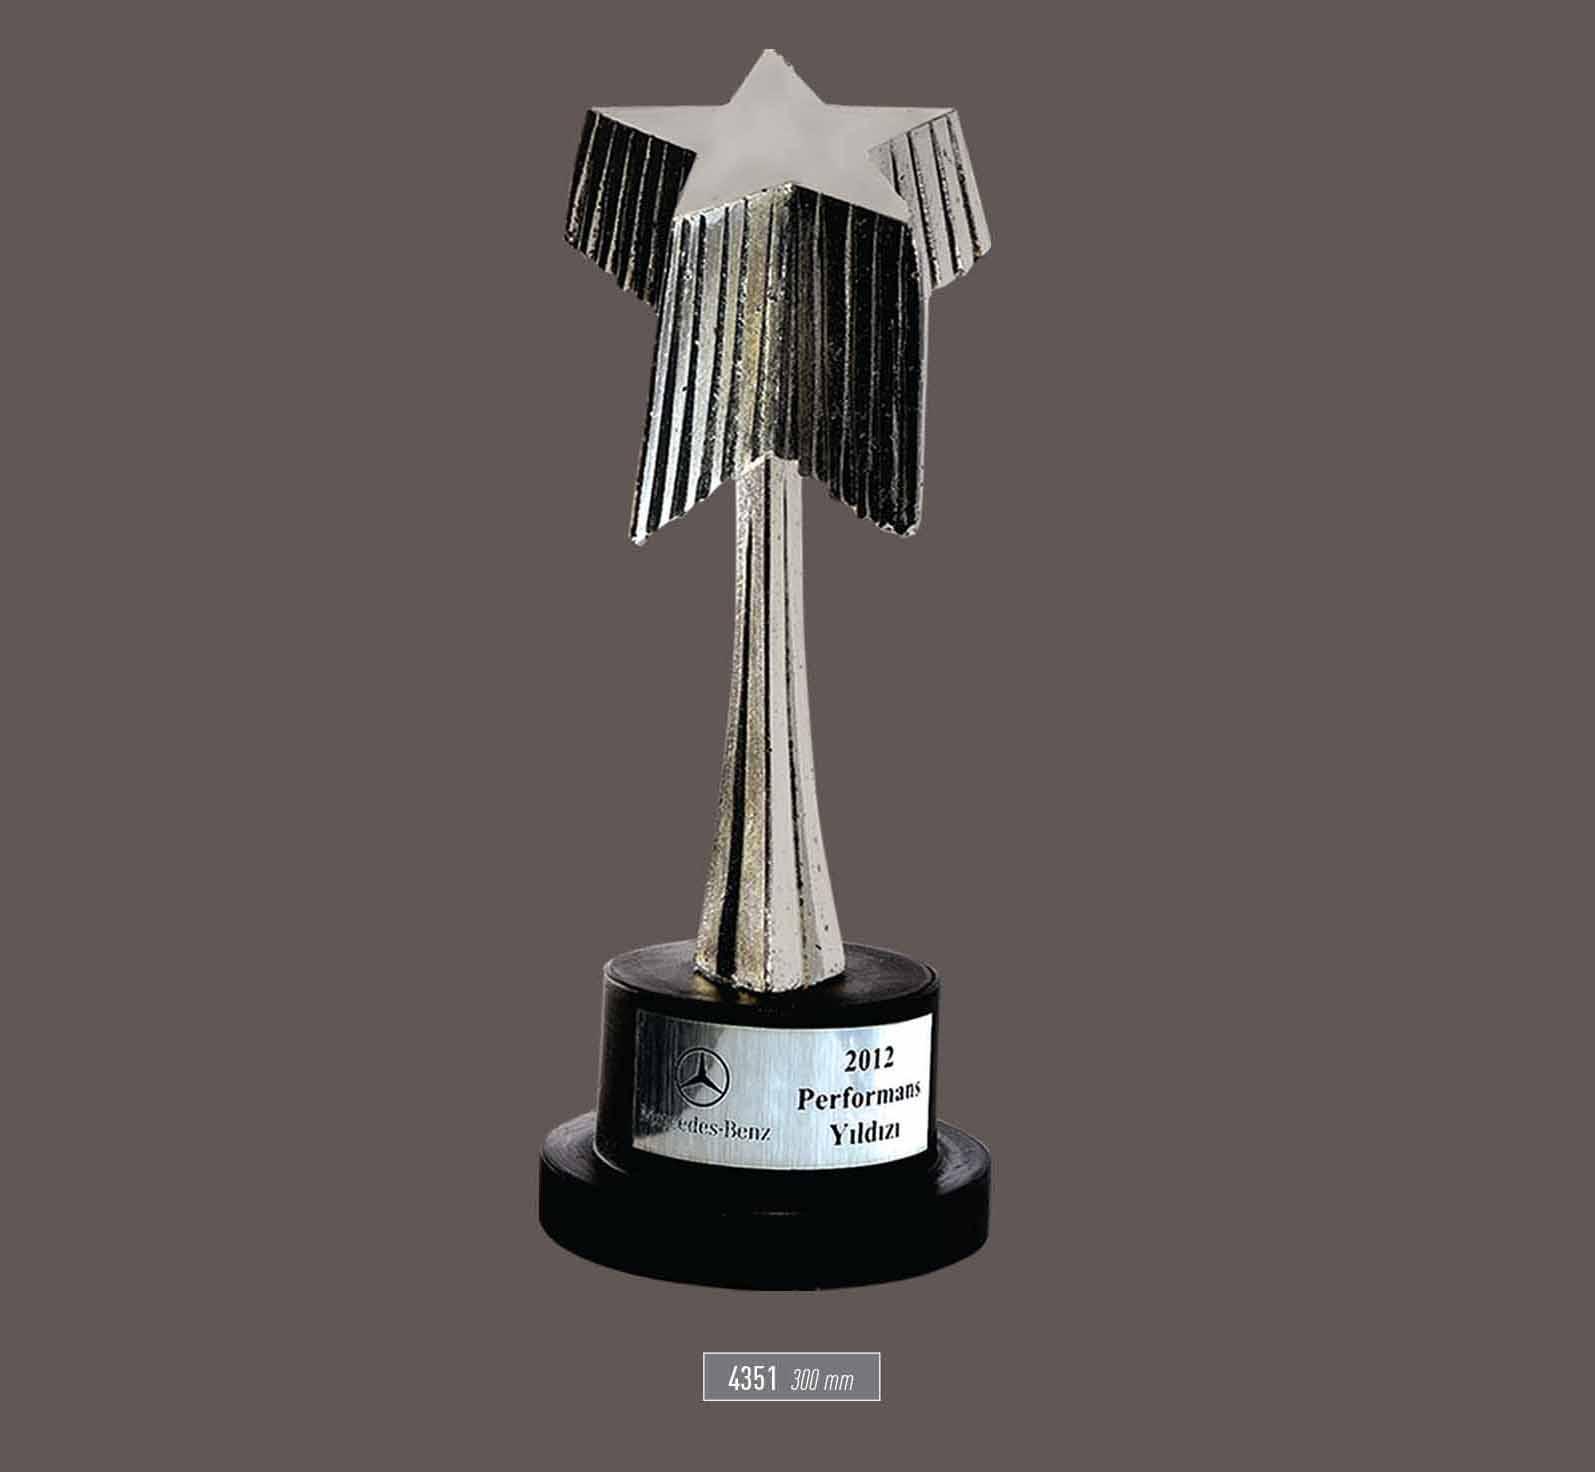 4351 - Award